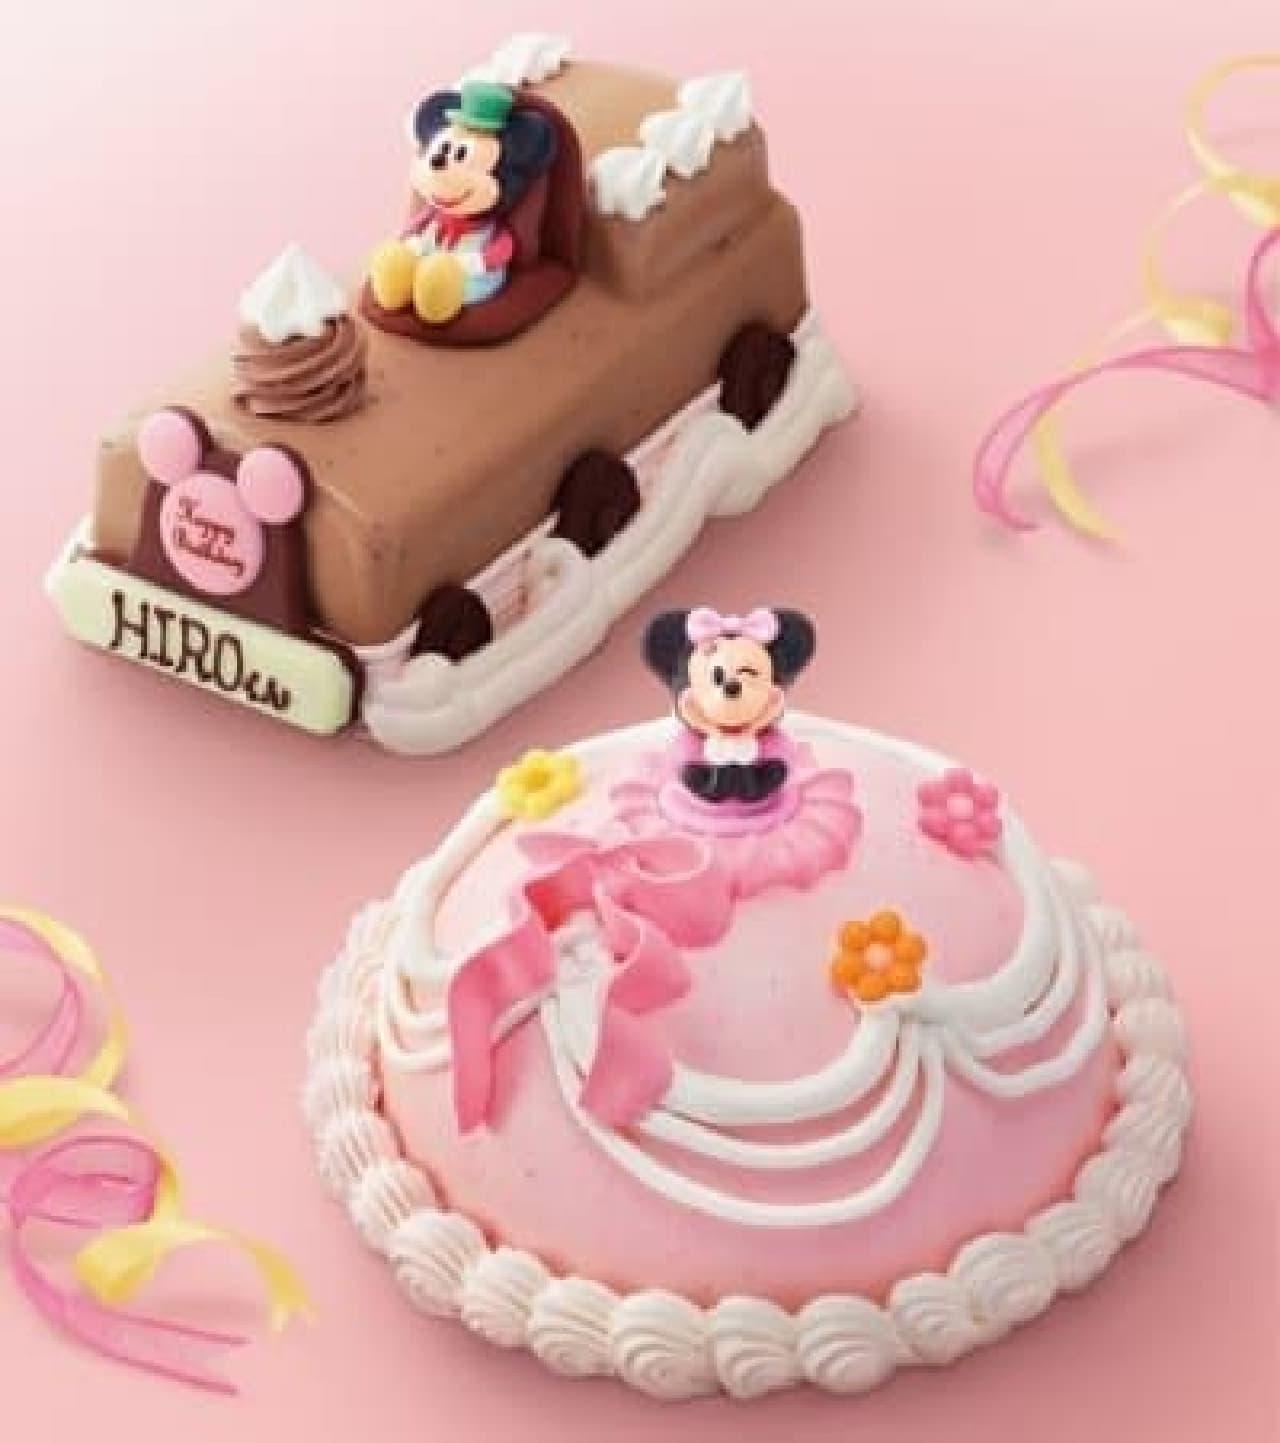 名前を入れたチョコプレートも付けられるよ  (C)Disney